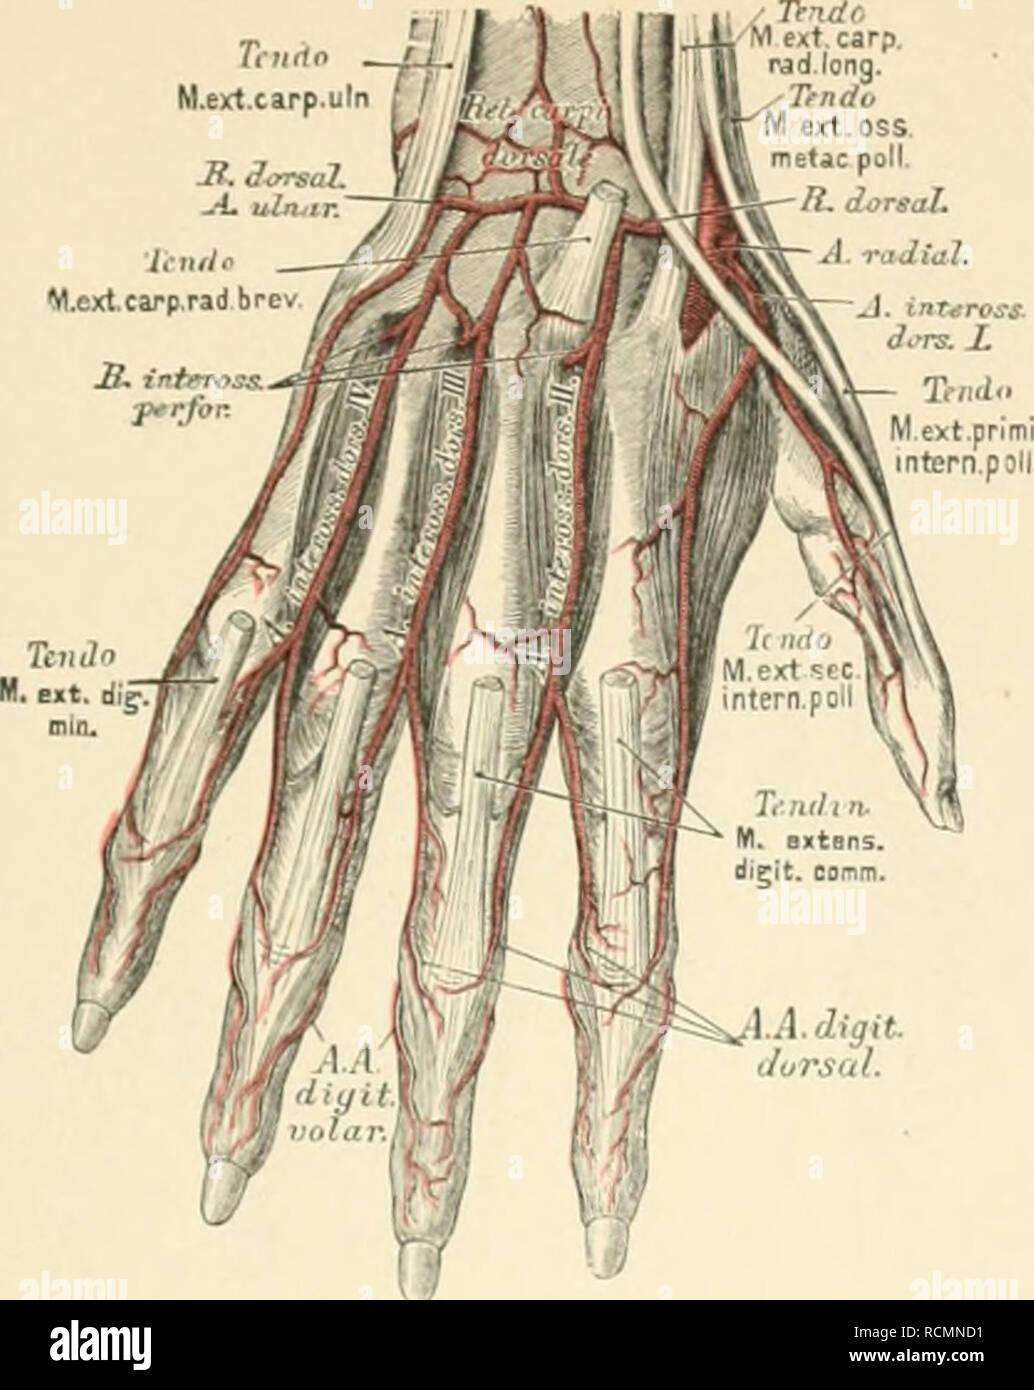 """. Die descriptive und topographische Anatomie des Menschen. Anatomy. Arteria radialis et ulnaris. 513 Tnitto M.ext.carp.uln { /. LA.digit. I Jursal. 724. Die Arterien am Handrücken. Der oberflächliche Hohlhandbog (siehe Fig. 722 , richte! seine Convexität gegen die Pinger; er wird durch den ihlichen Hohlhandast der Art. radialis, vorwiegend aber durch jenen der Ar/, ulnaris erzeugt. Aus seiner Convexität entstehen drei bis vier Arteri lares communis, welche Bich in die Arteriat digital zerspalten, um die einander zugis an deren Spitz."""" hin zu versorgen. Der tiefliegende Hohlhandbogen, - Stock Image"""